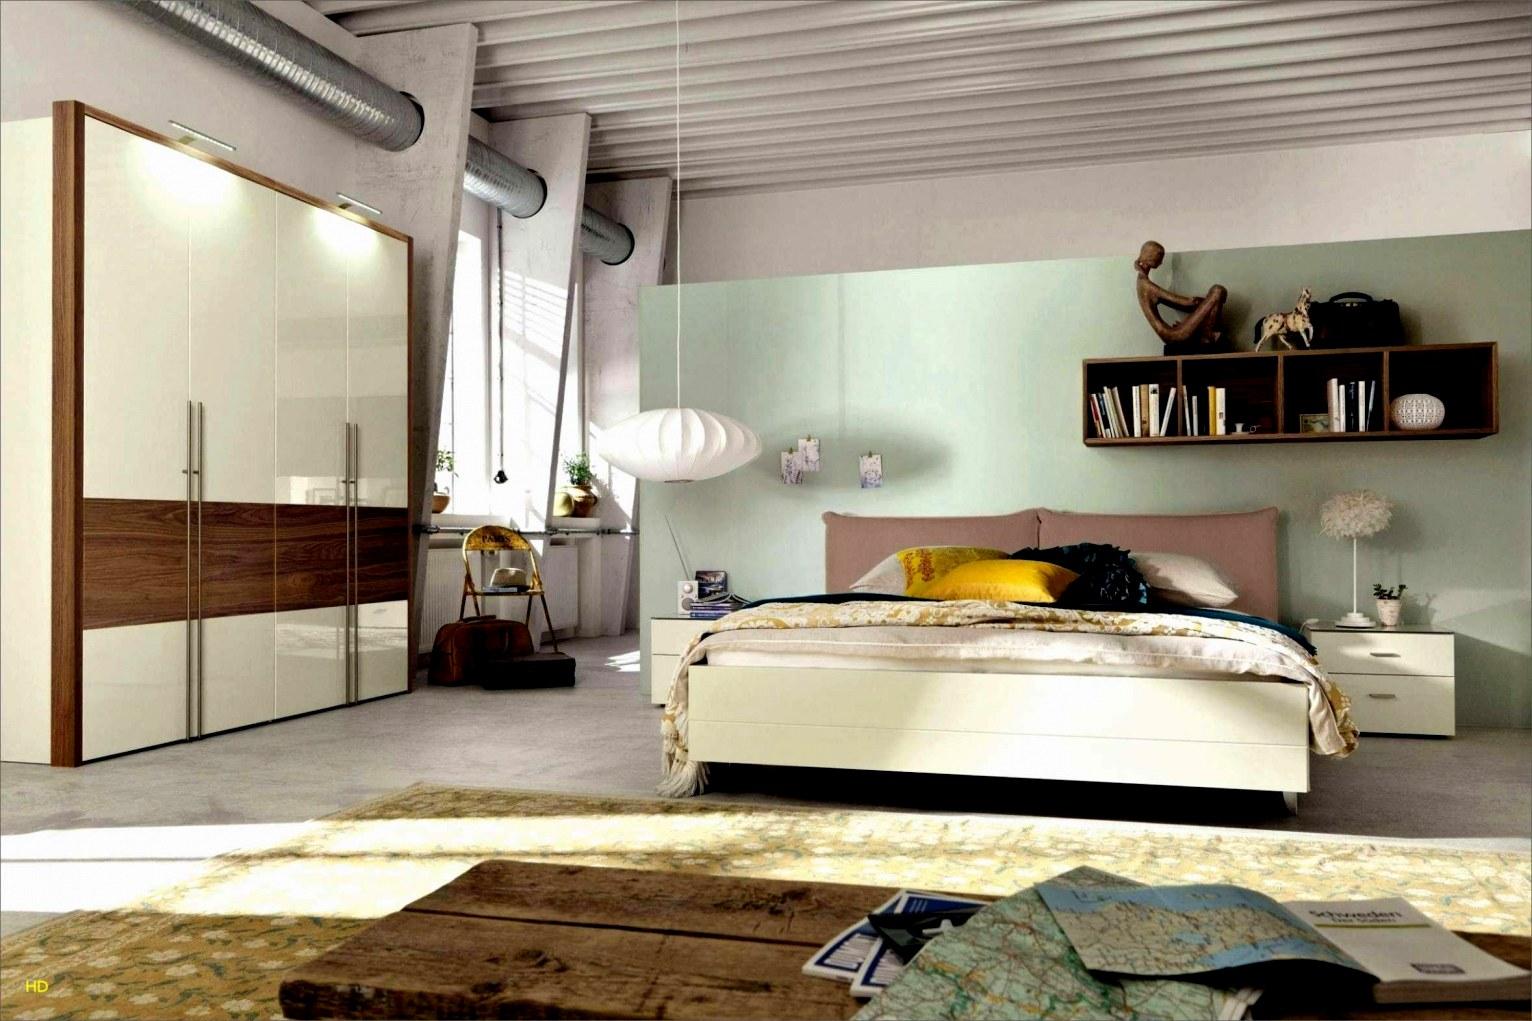 Full Size of Betten Holz 200x200 Düsseldorf Tempur Regal Weiß Frankfurt Massivholz Schöne 180x200 Holzhaus Kind Garten Esstisch Somnus Außergewöhnliche Holzküche Aus Bett Betten Holz